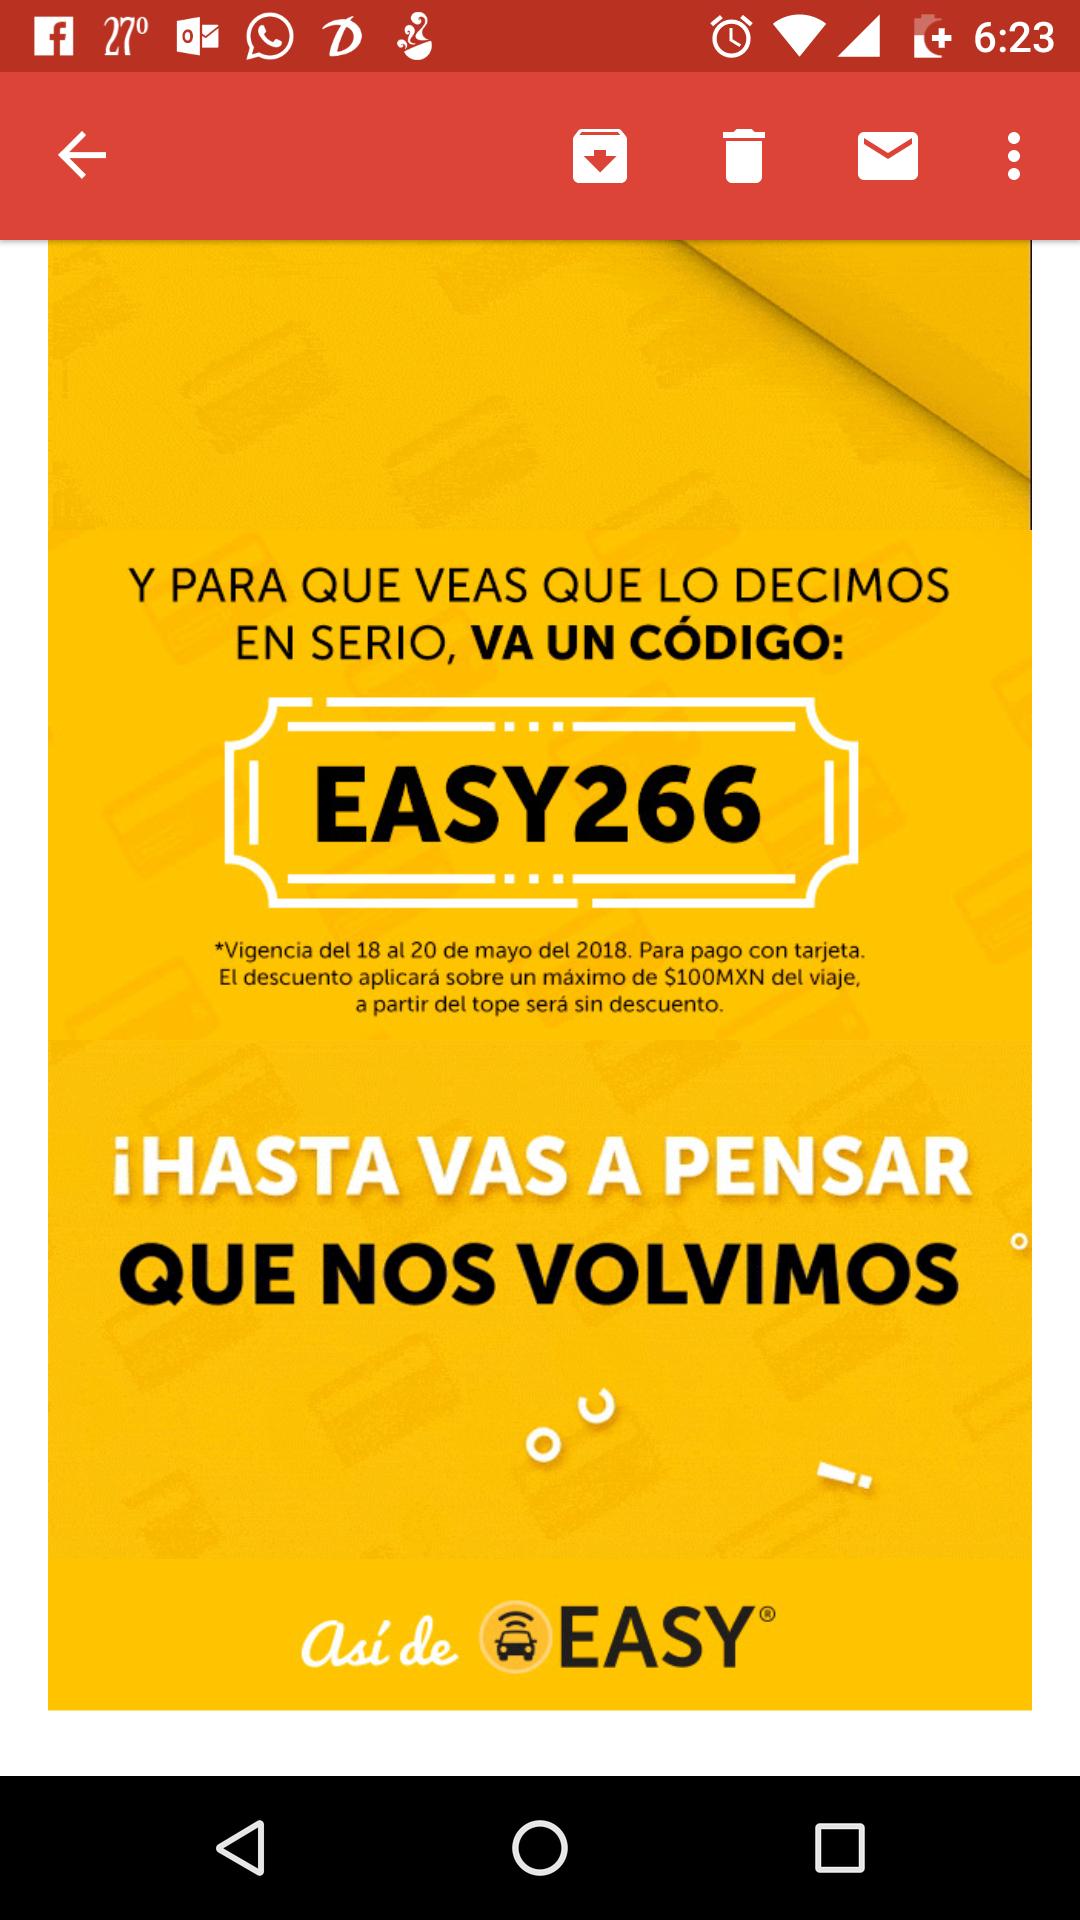 Easy Taxy: cupón de descuento -80% (máximo de $100)